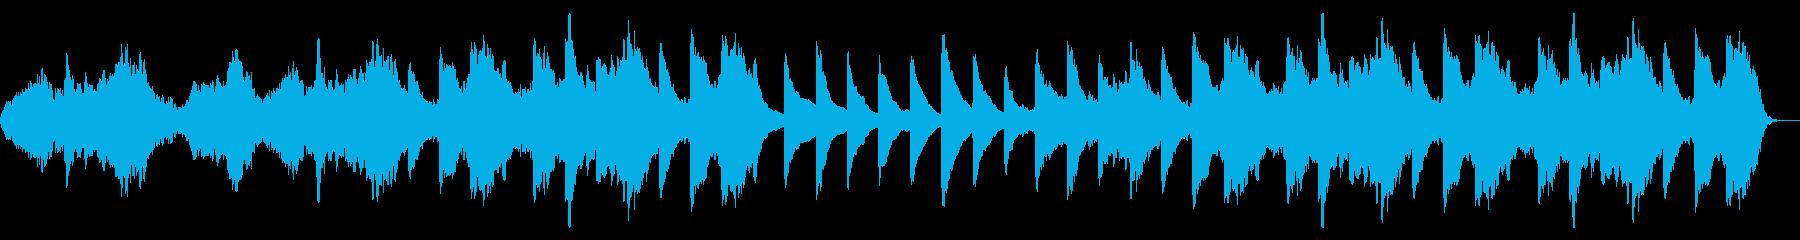 アンビエント環境音楽BGMの再生済みの波形